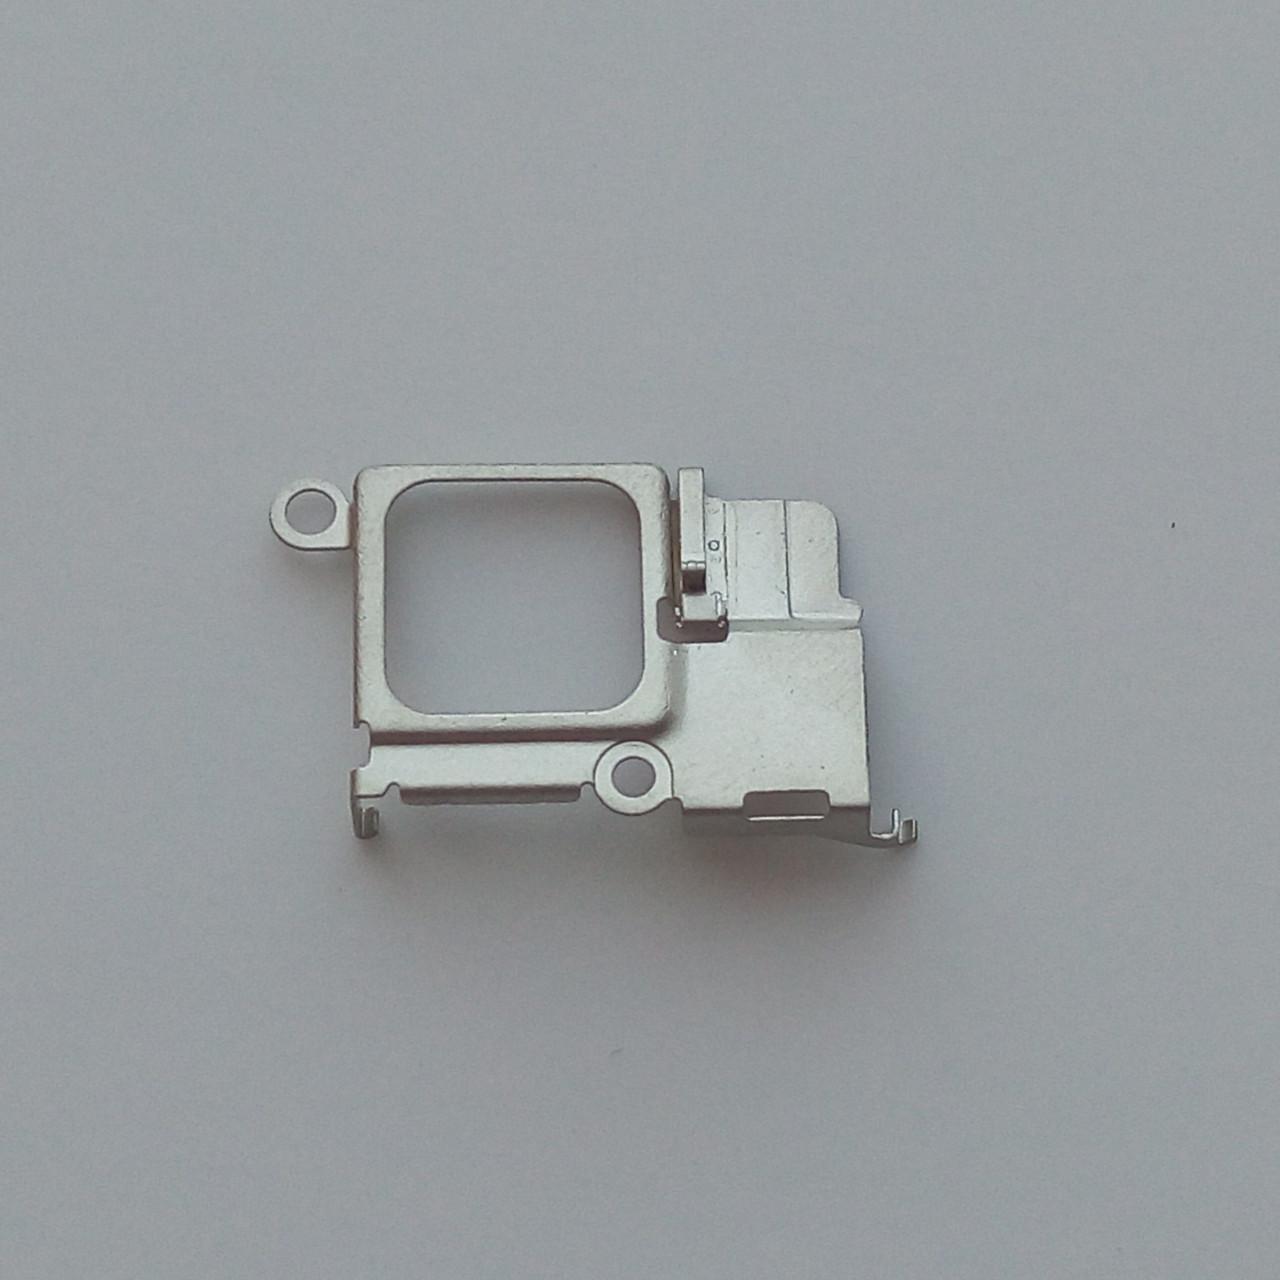 Держатель для Apple iPhone 5C динамика,фронтальной камеры